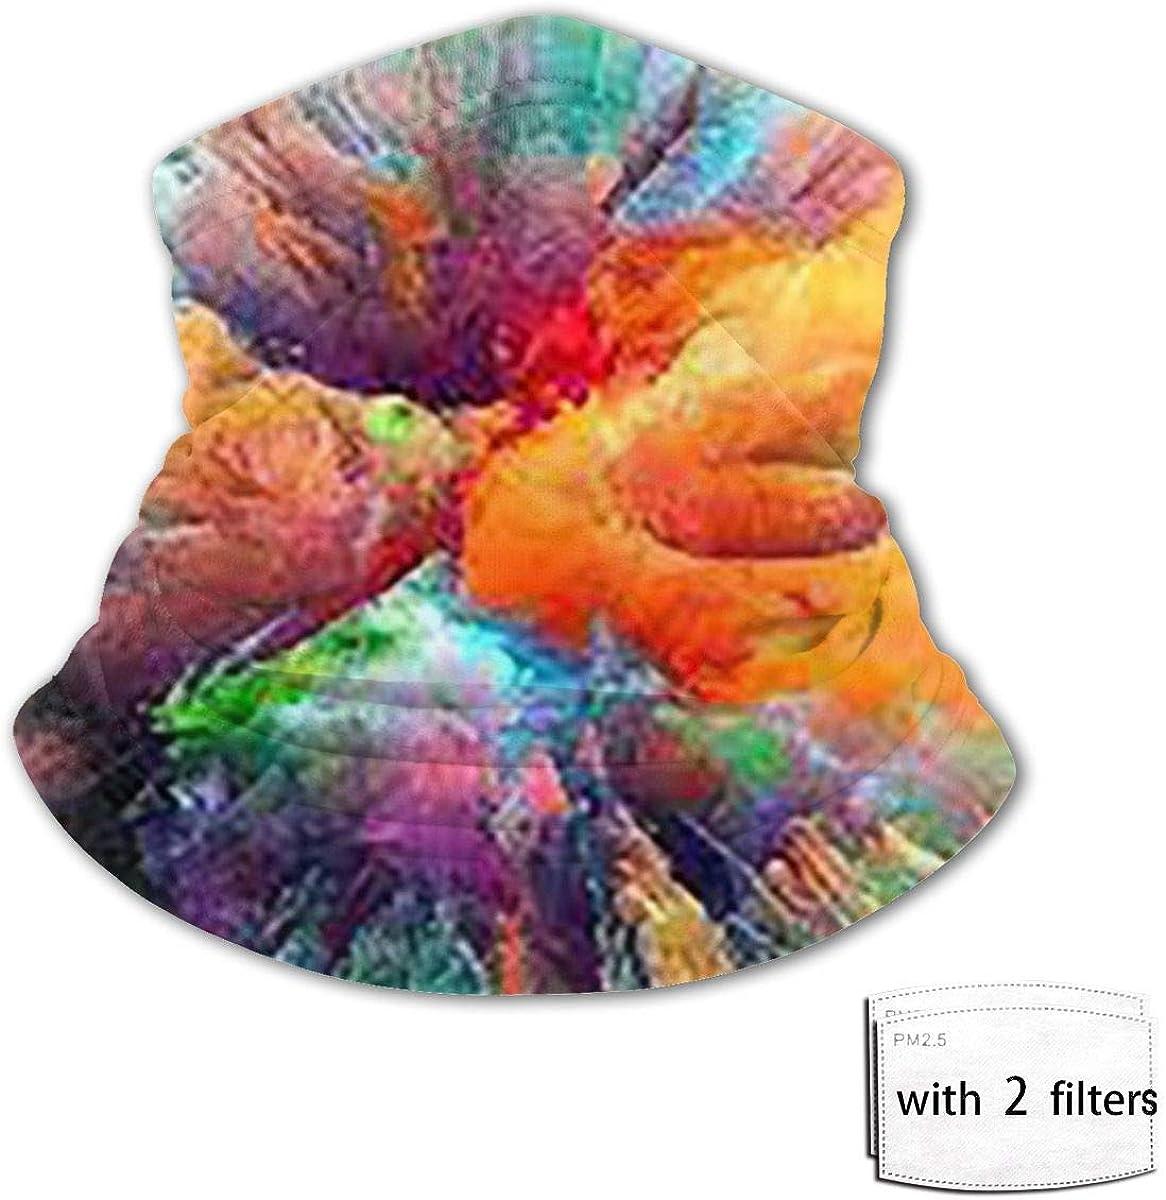 chenguang4422 Polaina para el cuello Pañuelo Pintura al óleo Pasamontañas Variedad Toalla de cara Bufanda Cubierta de babero de seda de hielo a prueba de viento con filtro